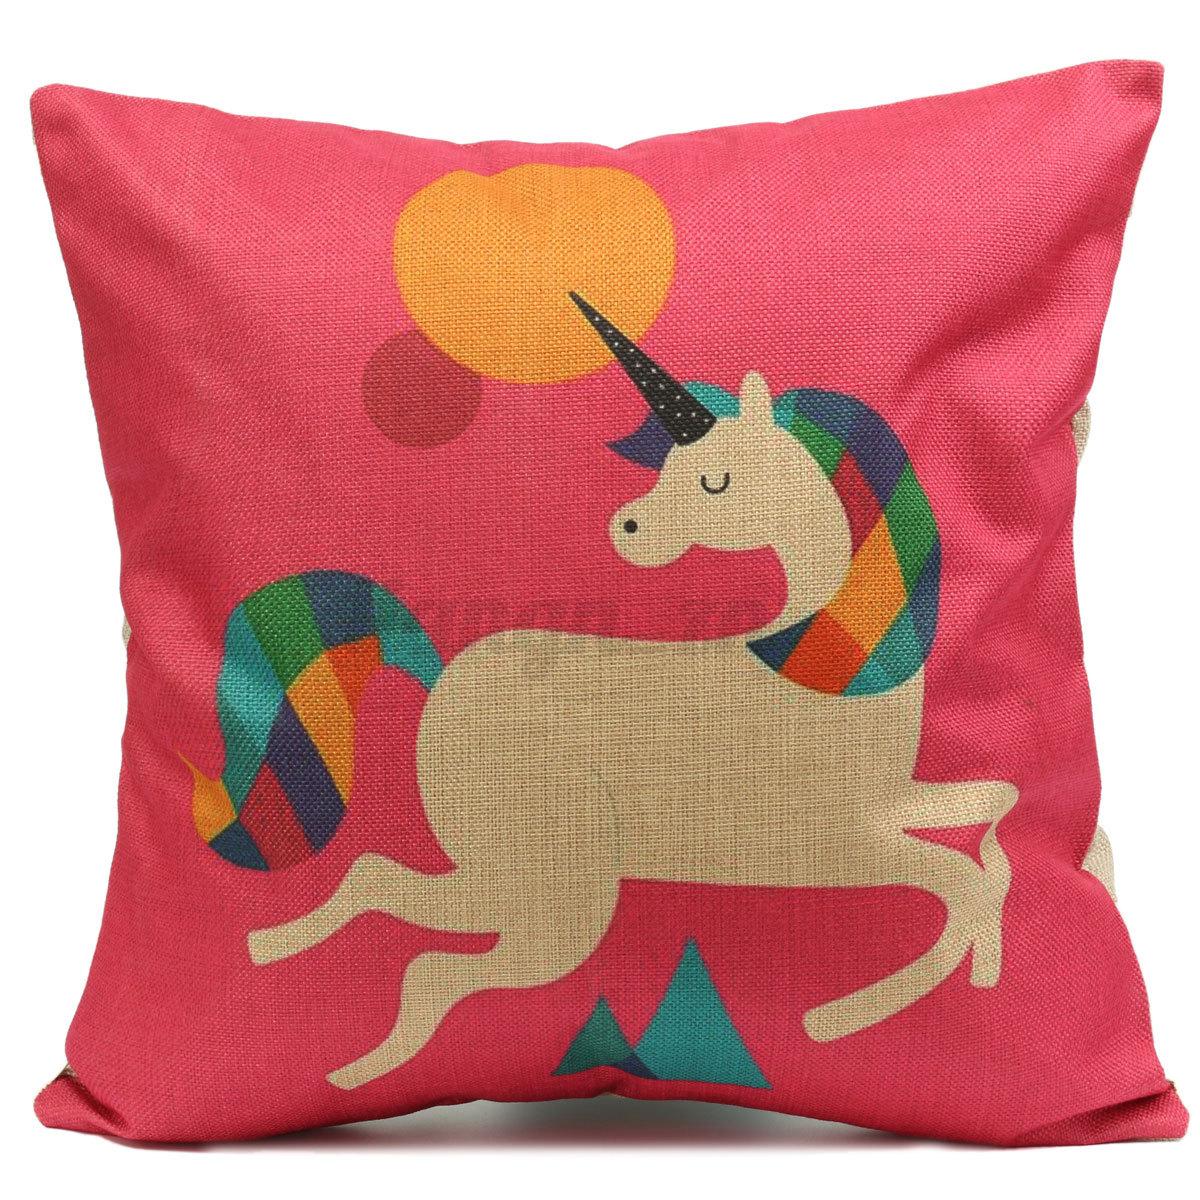 animal housse de coussin taie d 39 oreiller canap d coration maison cushion cover ebay. Black Bedroom Furniture Sets. Home Design Ideas